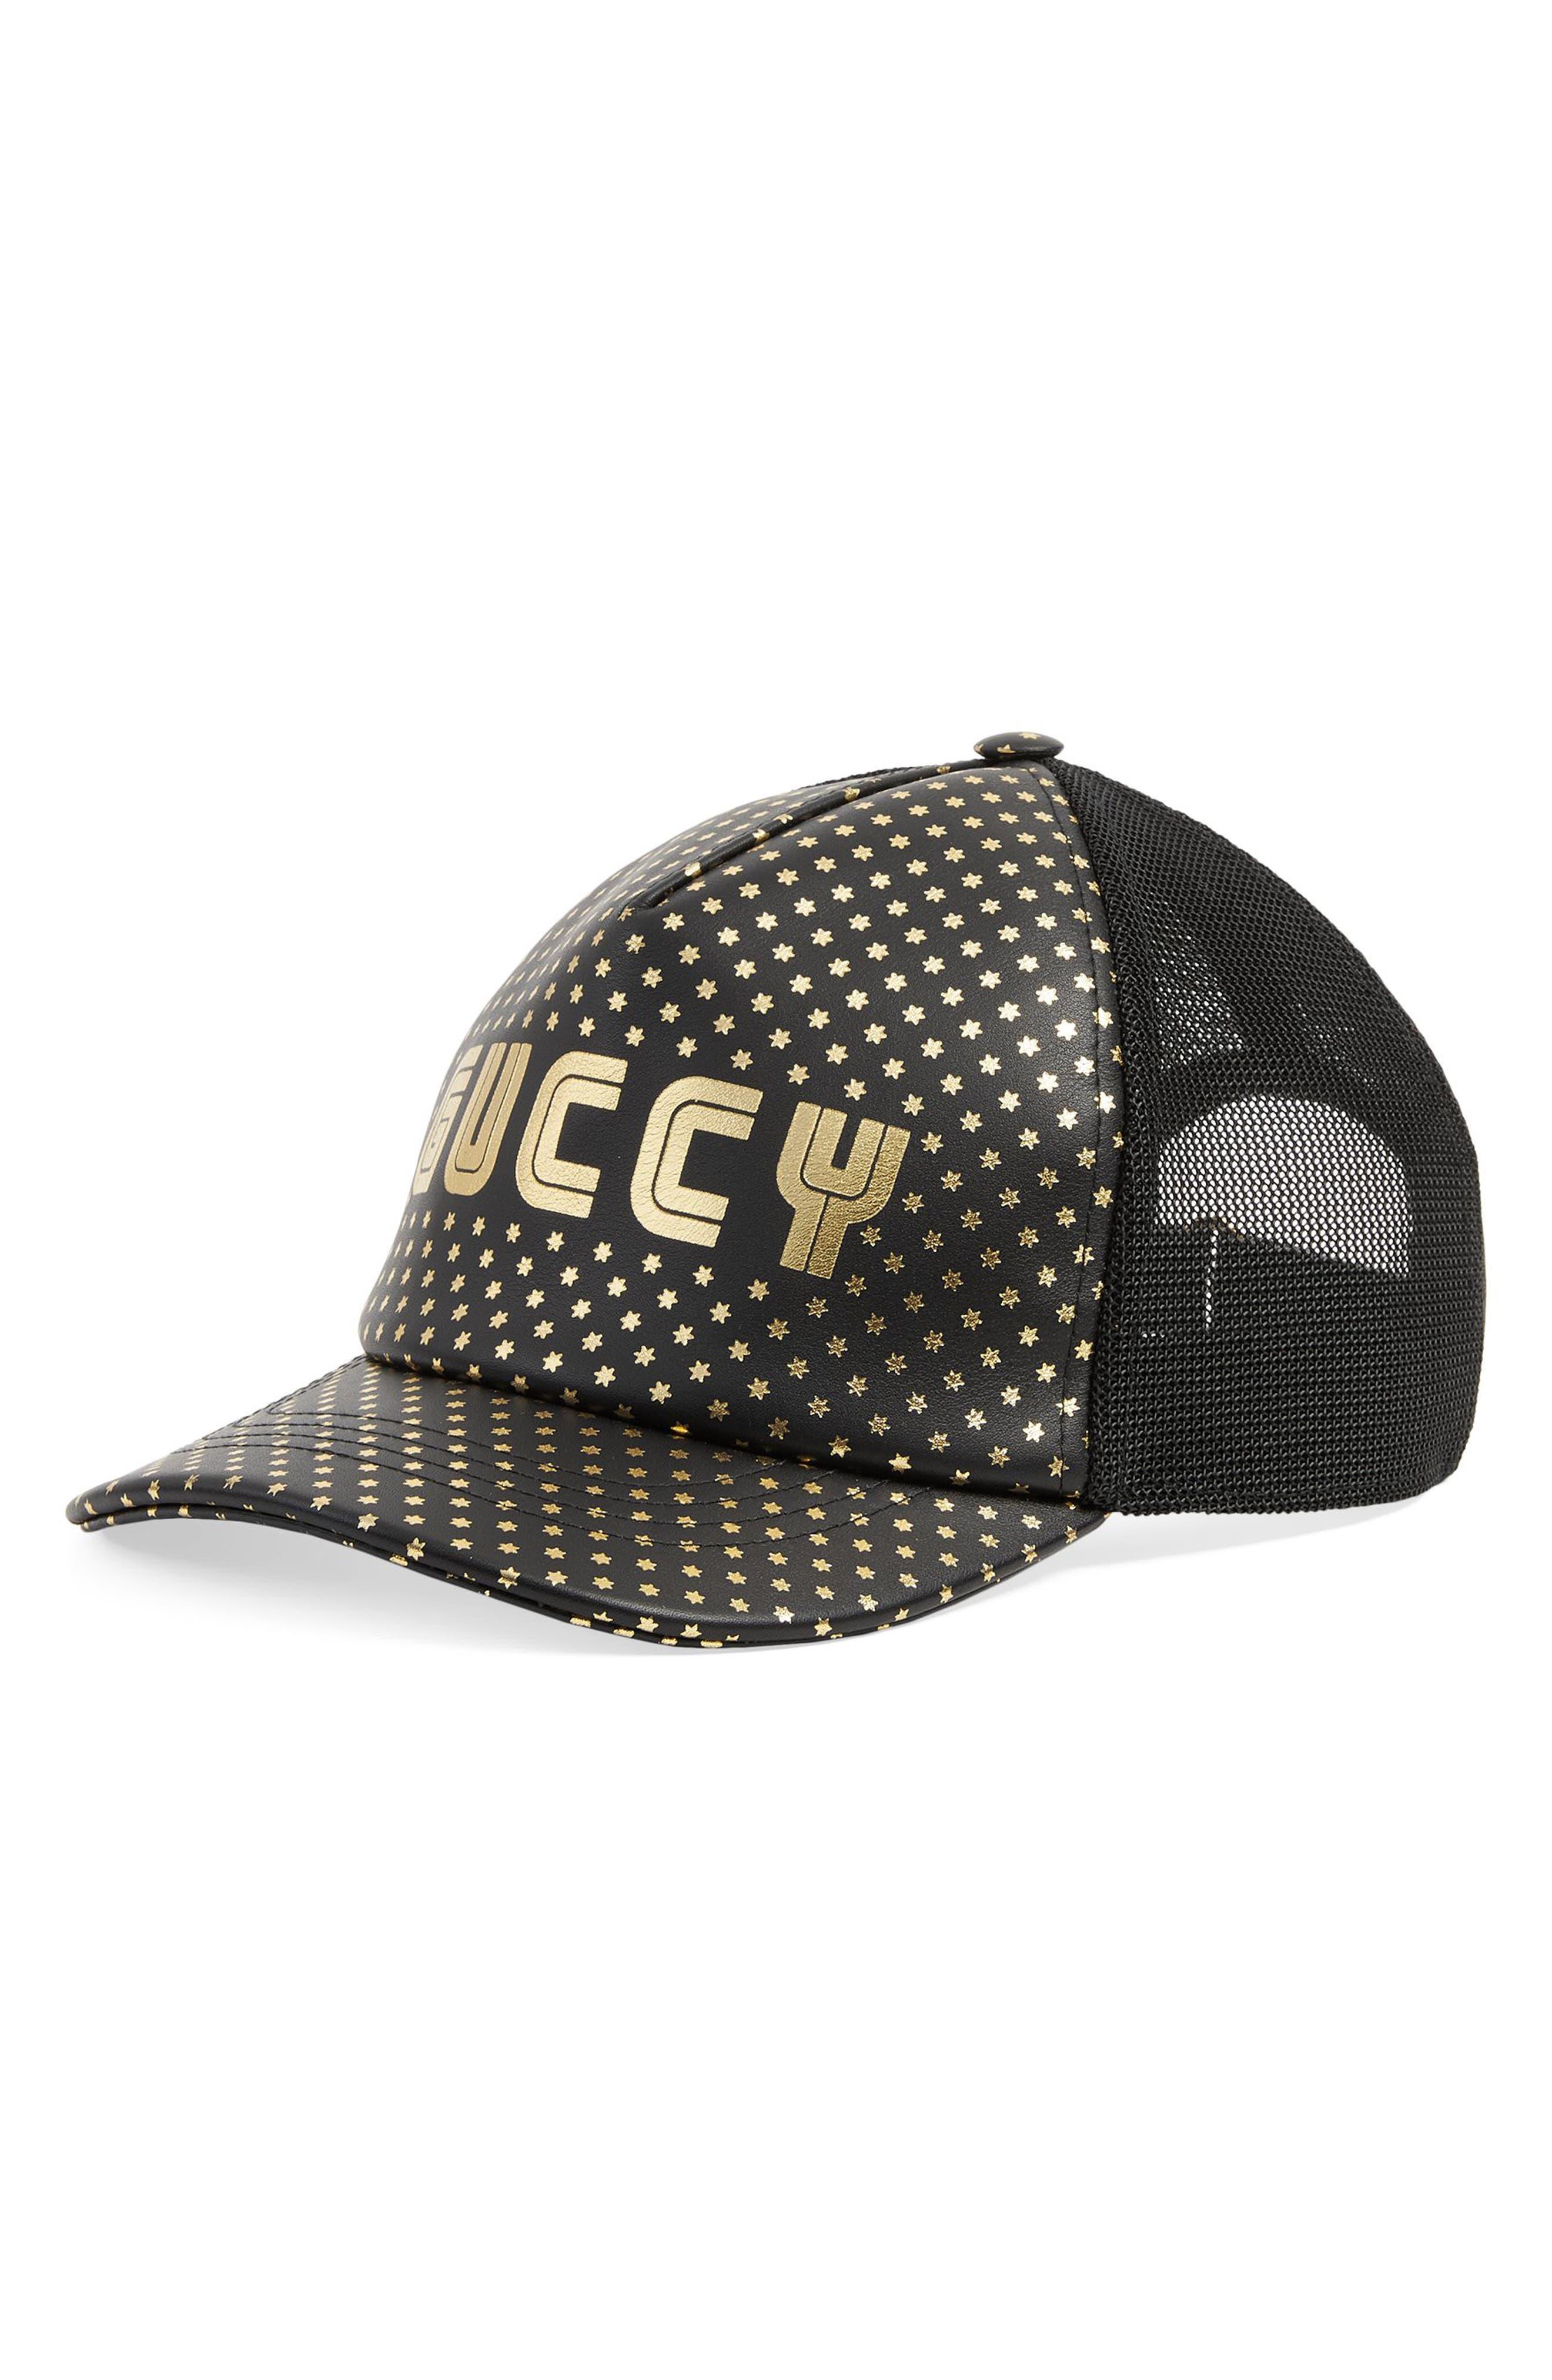 a6463dc9 Vintage Sports Bucket Hats - Parchment'N'Lead